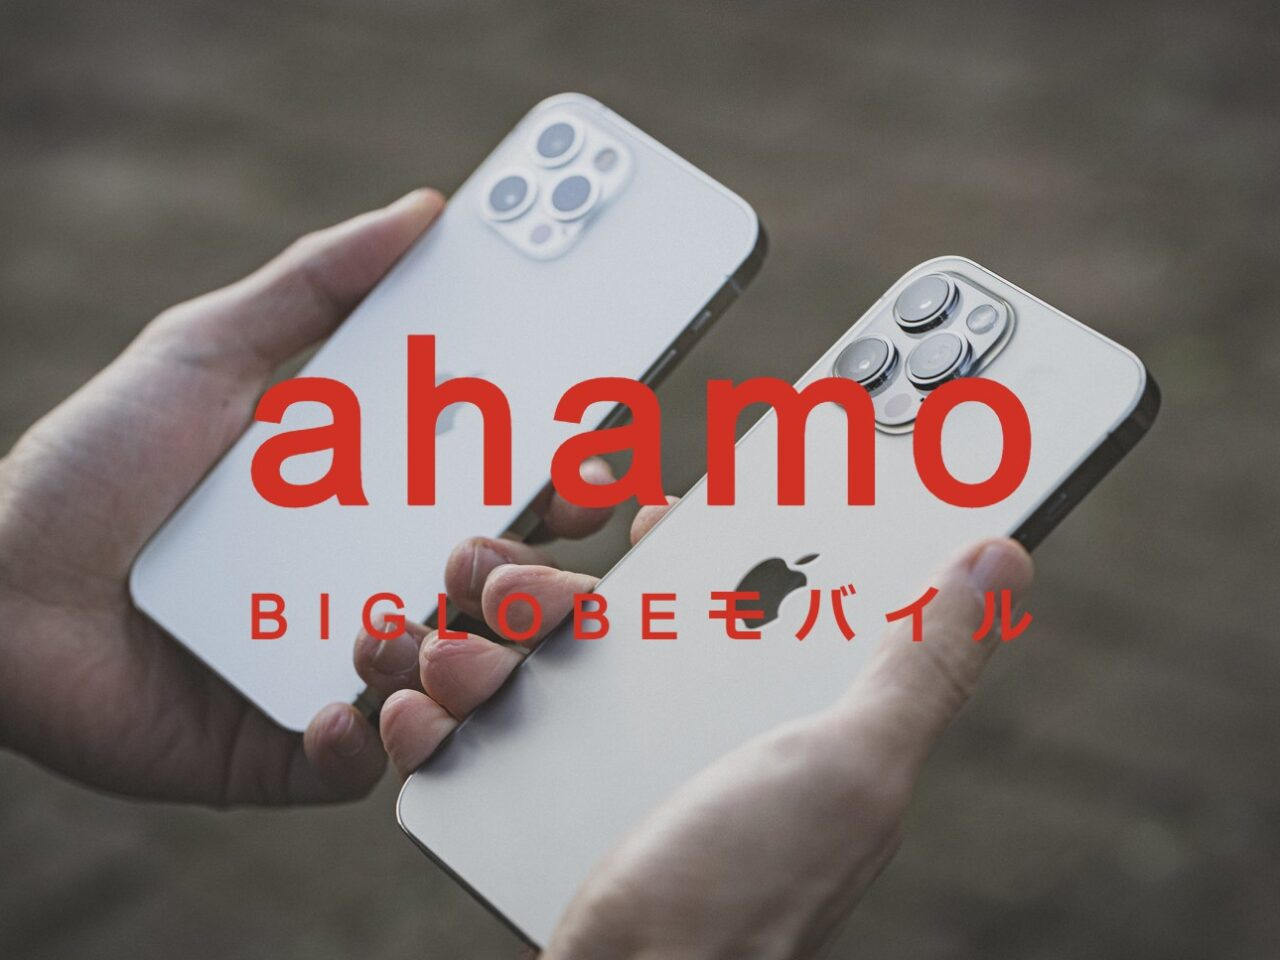 BIGLOBEモバイルからahamo(アハモ)への乗り換えはおすすめ?やり方は?のサムネイル画像